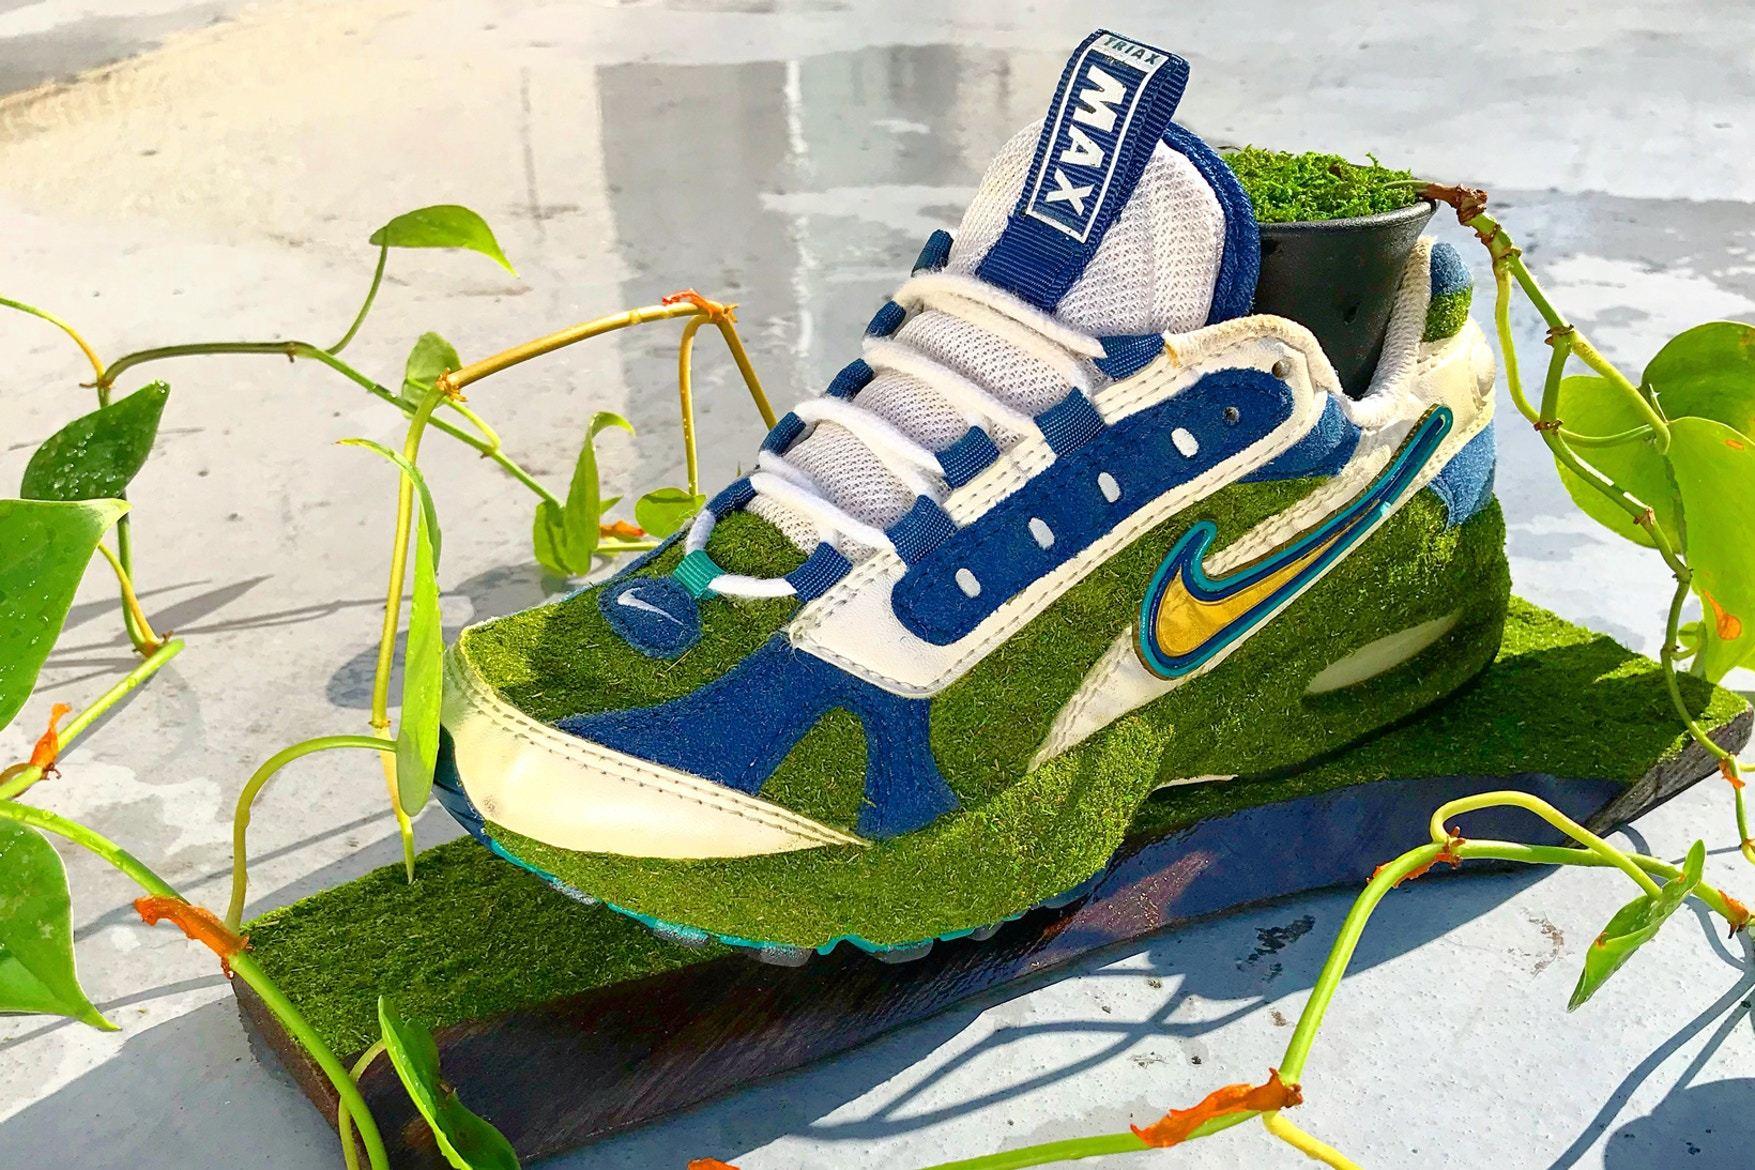 Artist Shoetree Nike Sneakers Sculptural Houseplants 13